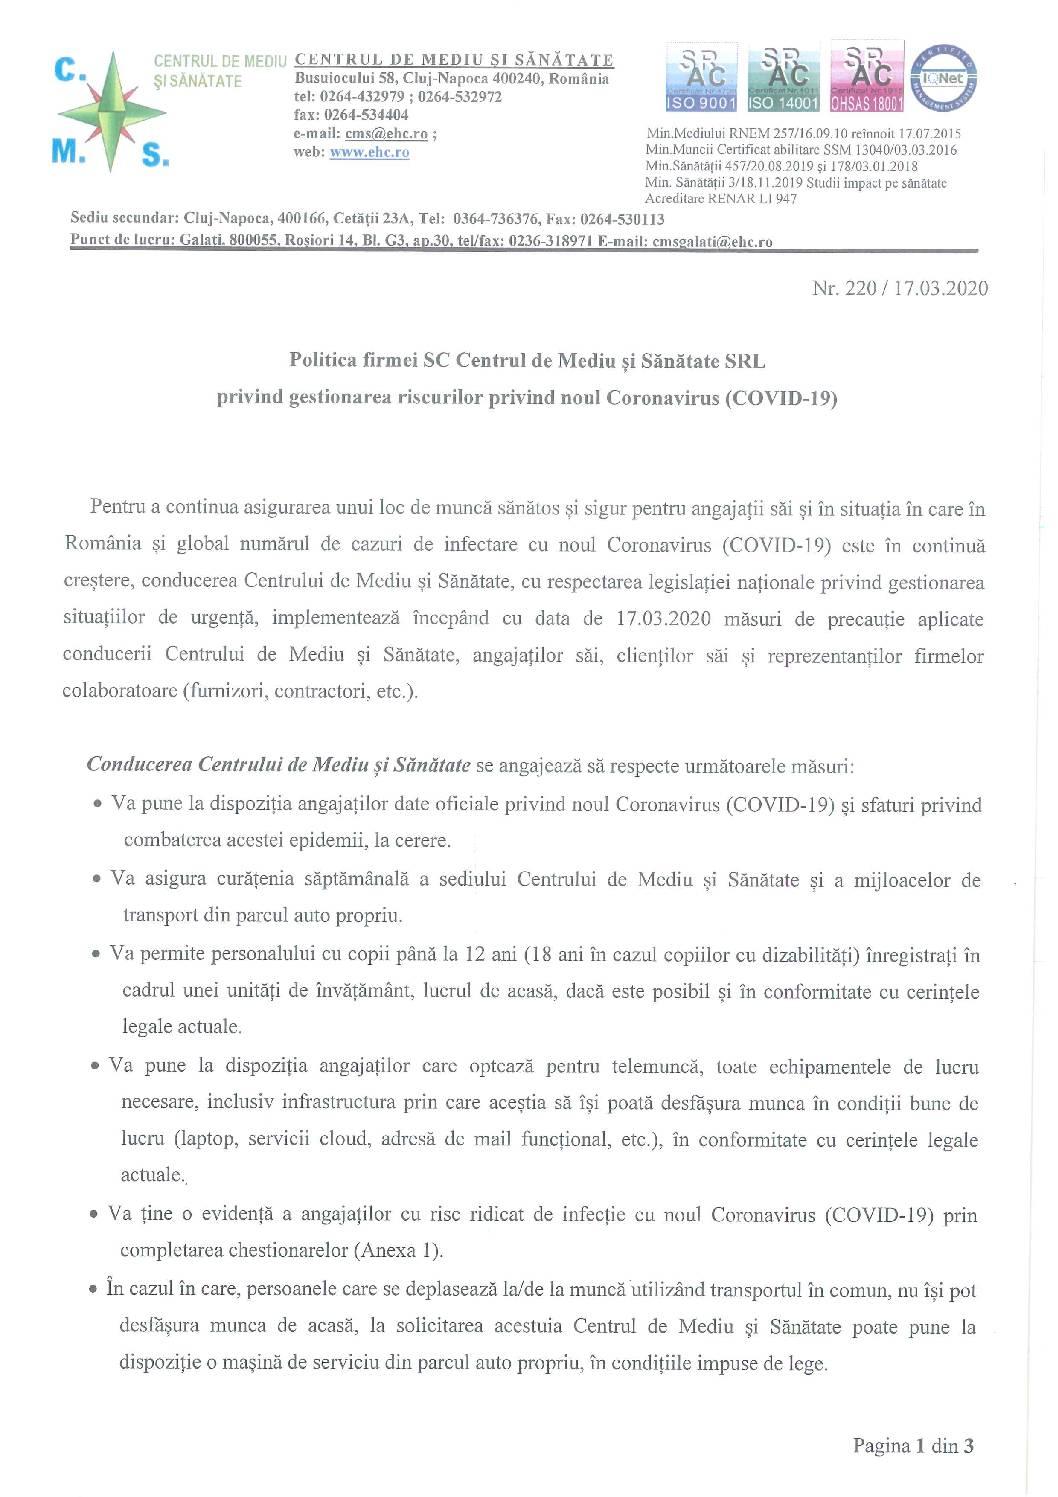 (Română) Politica Firmei SC Centrul de Mediu si Sanatate SRL privind gestionarea riscurilor privind noul Coronavirus (COVID-19)